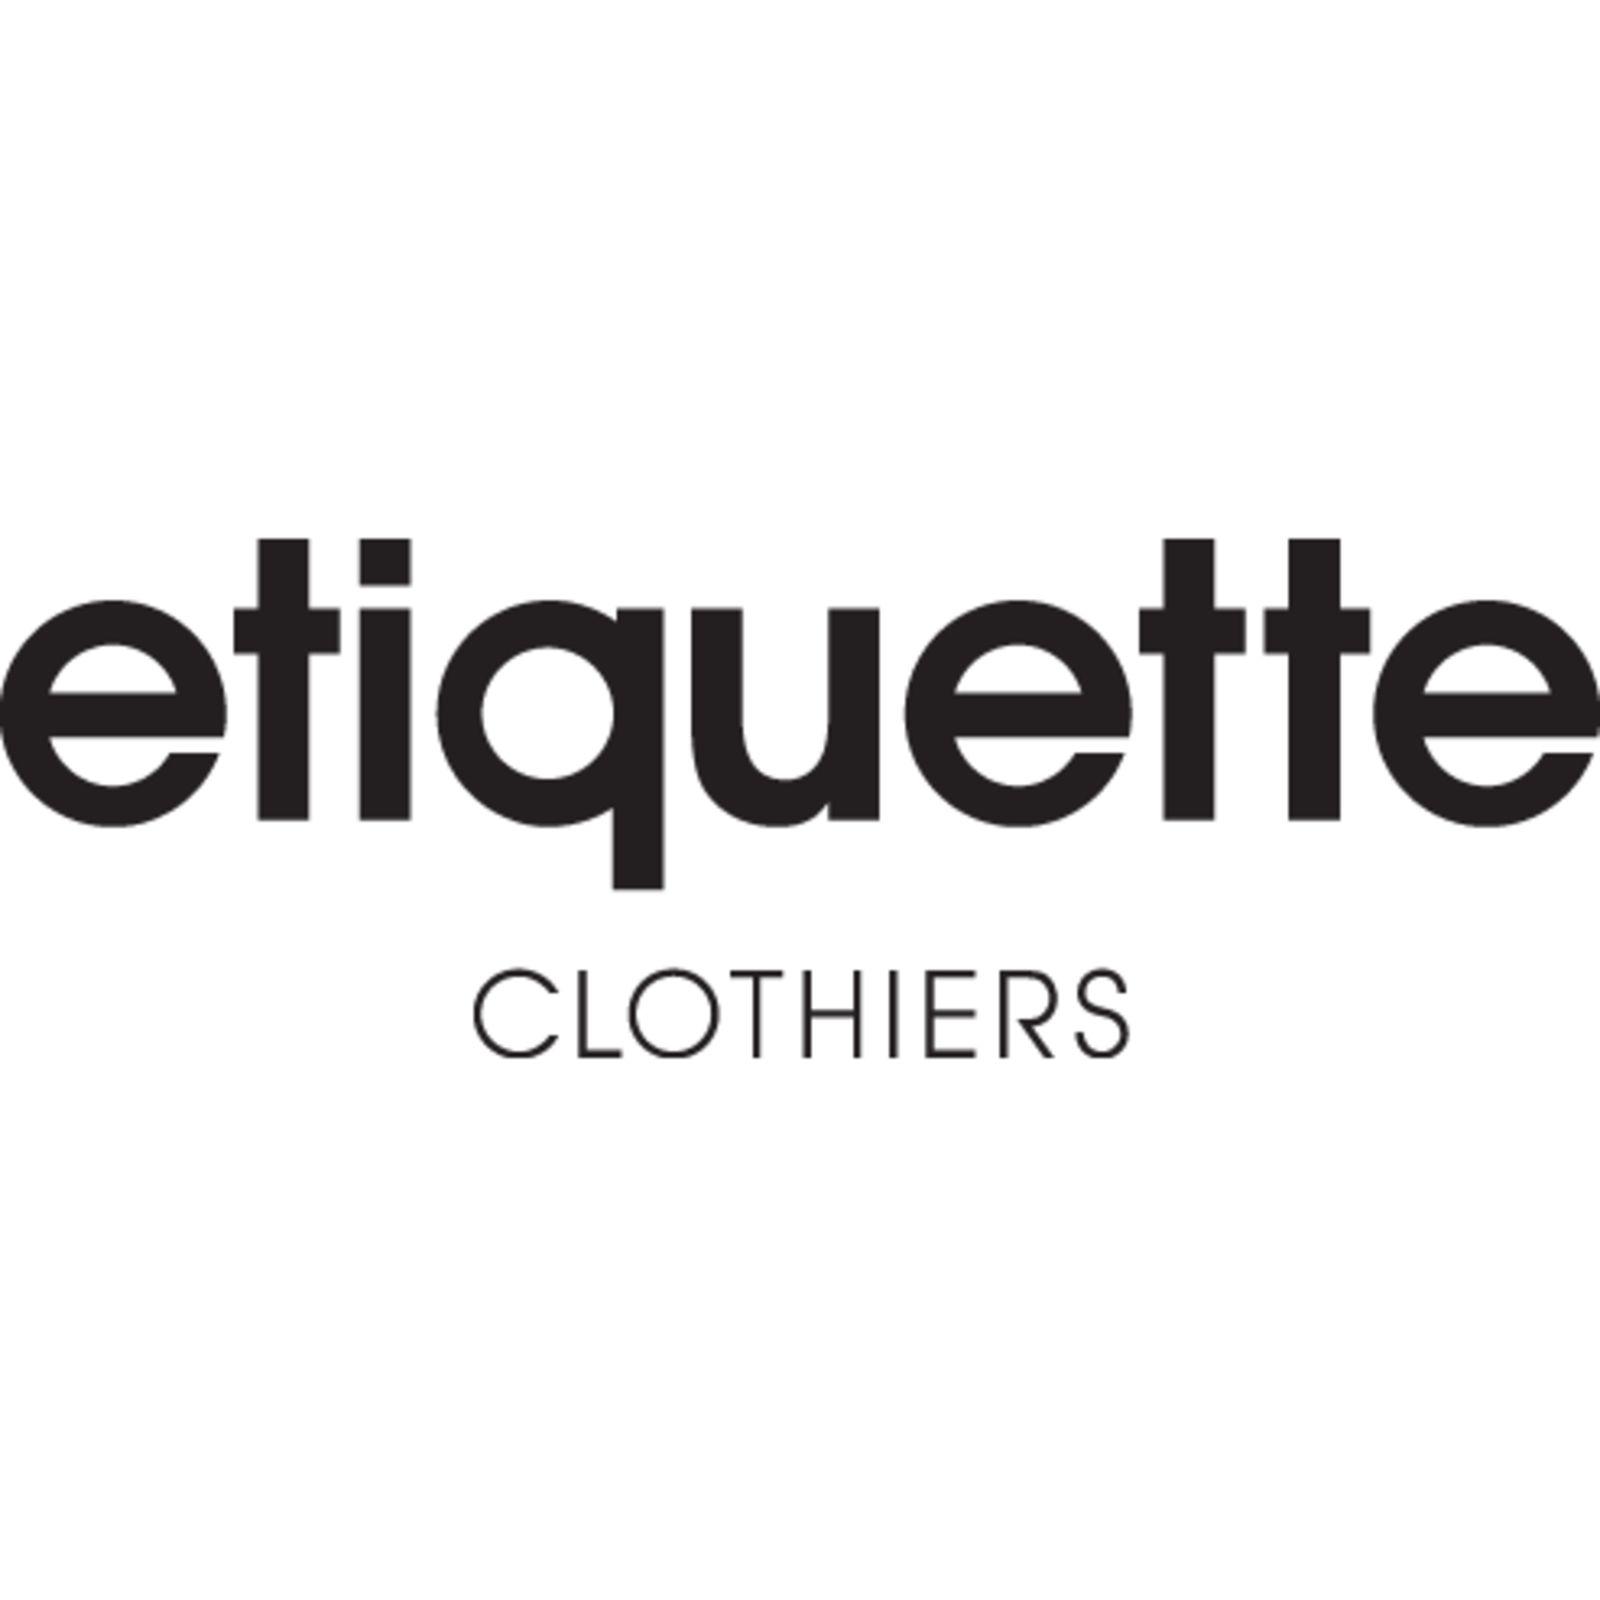 ETIQUETTE CLOTHIERS (Image 1)